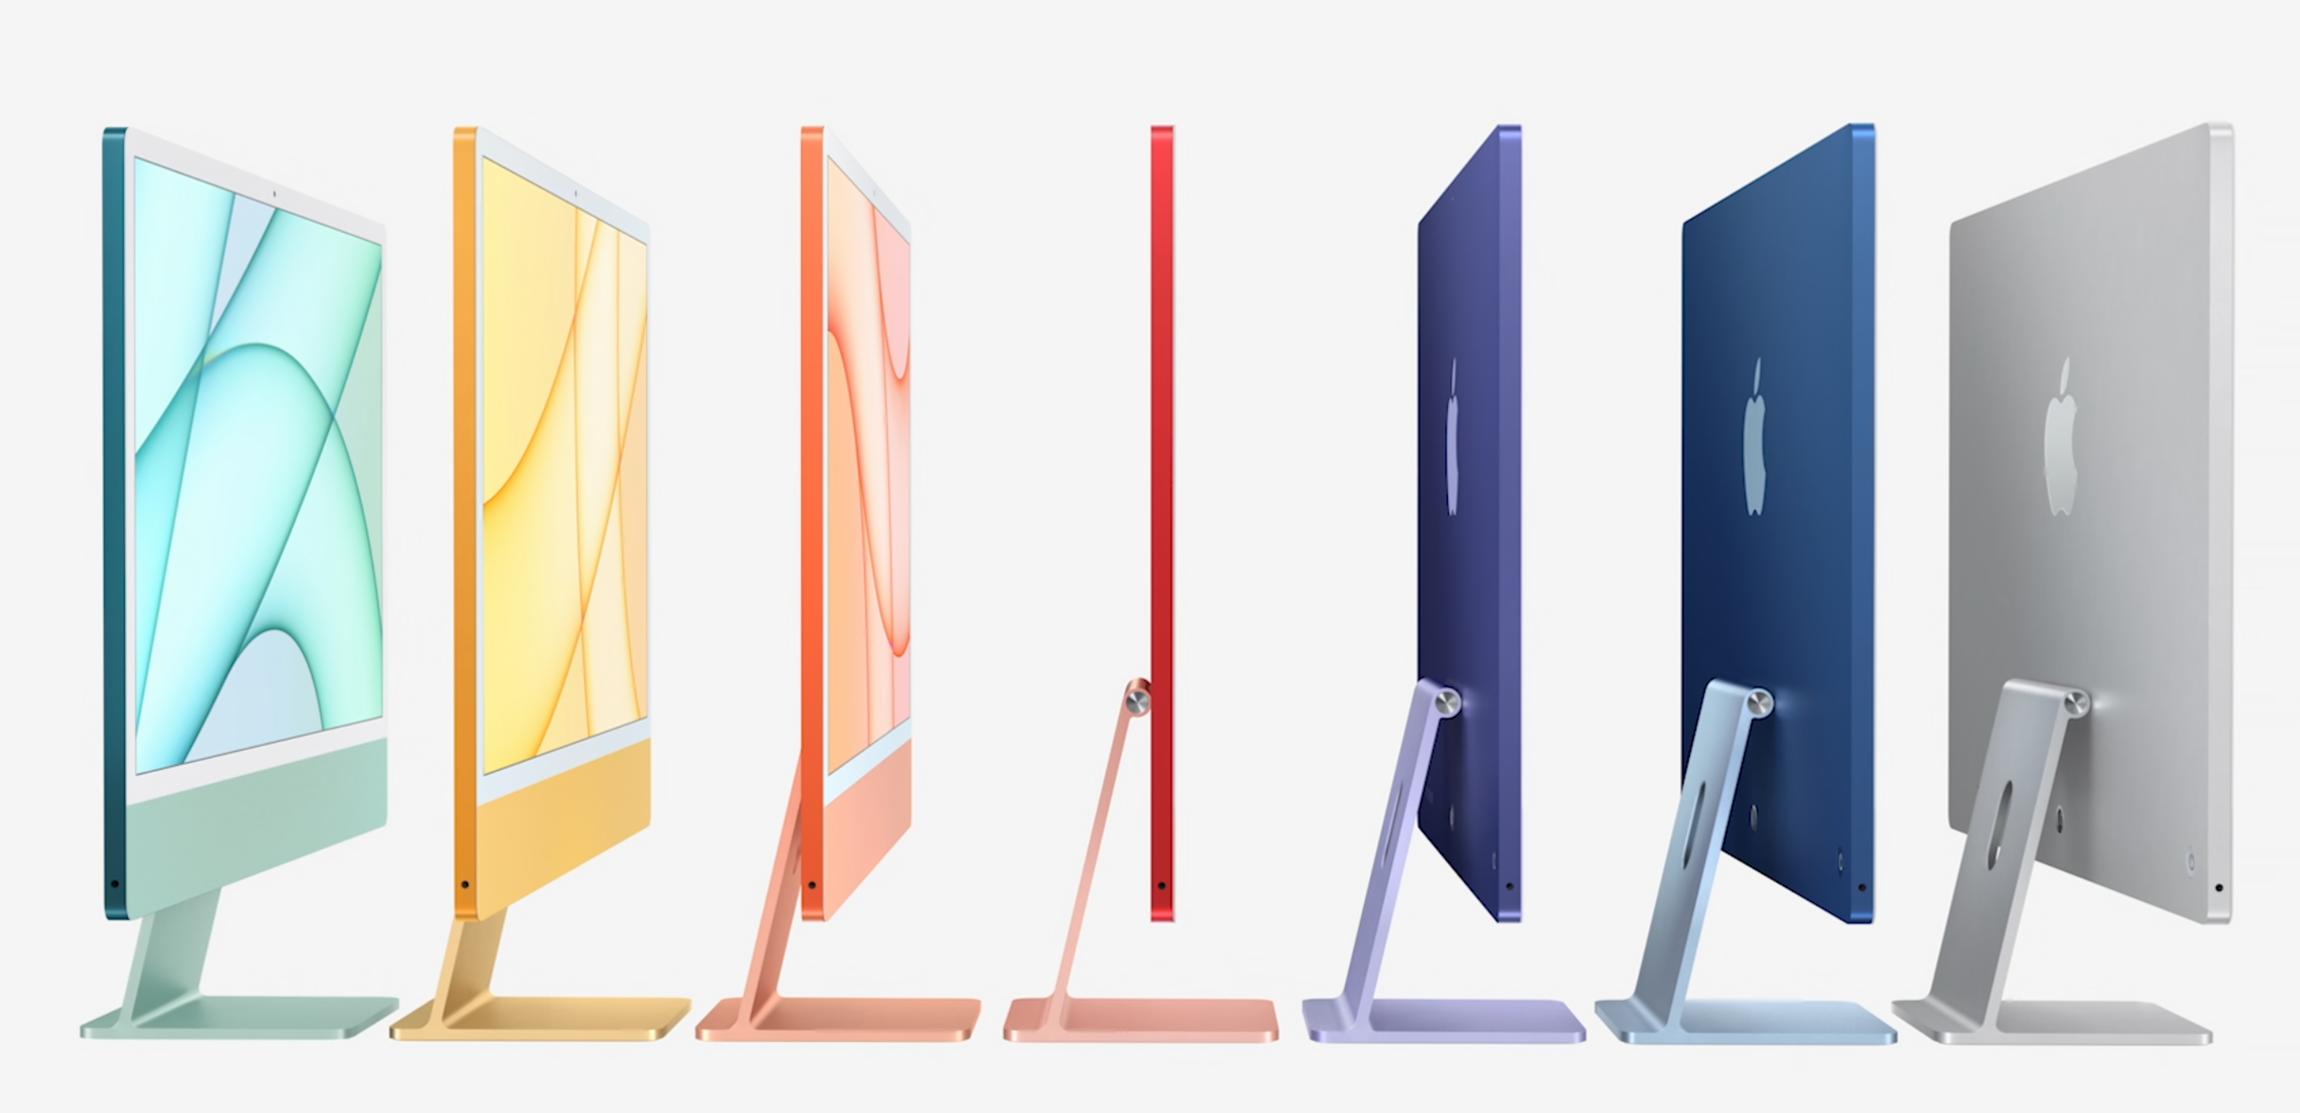 Apple ra iMac nhiều màu, iPad Pro chip M1 và loạt sản phẩm mới - VnExpress Số hóa